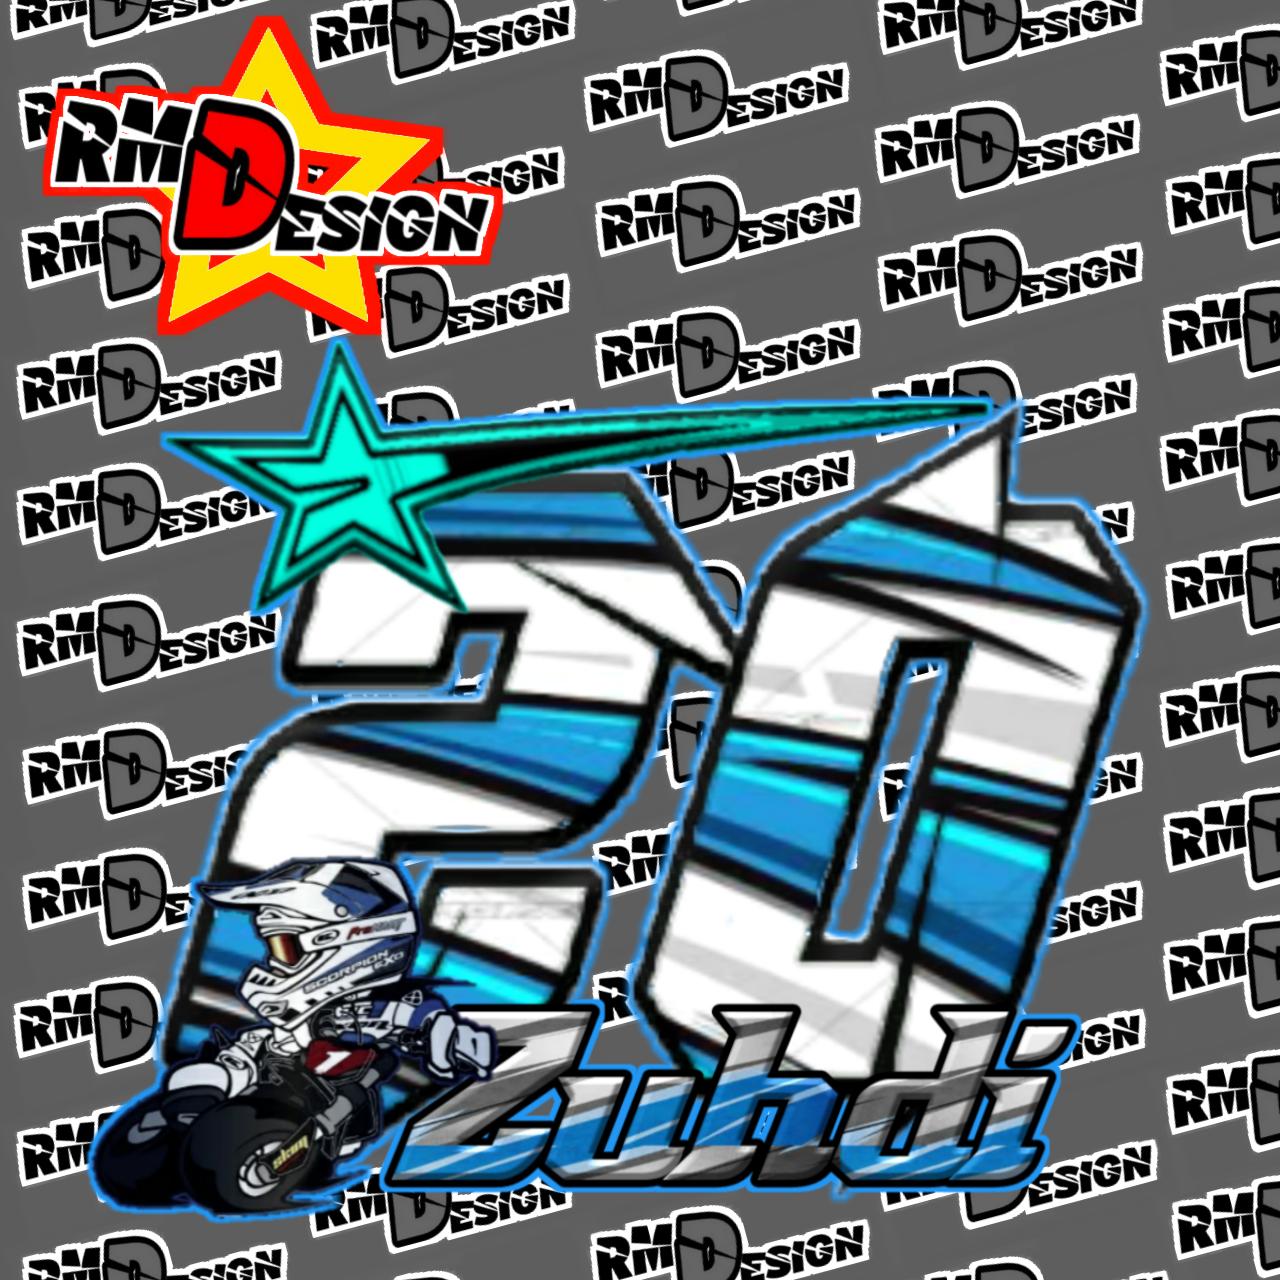 Desain nomor start road race drag bike